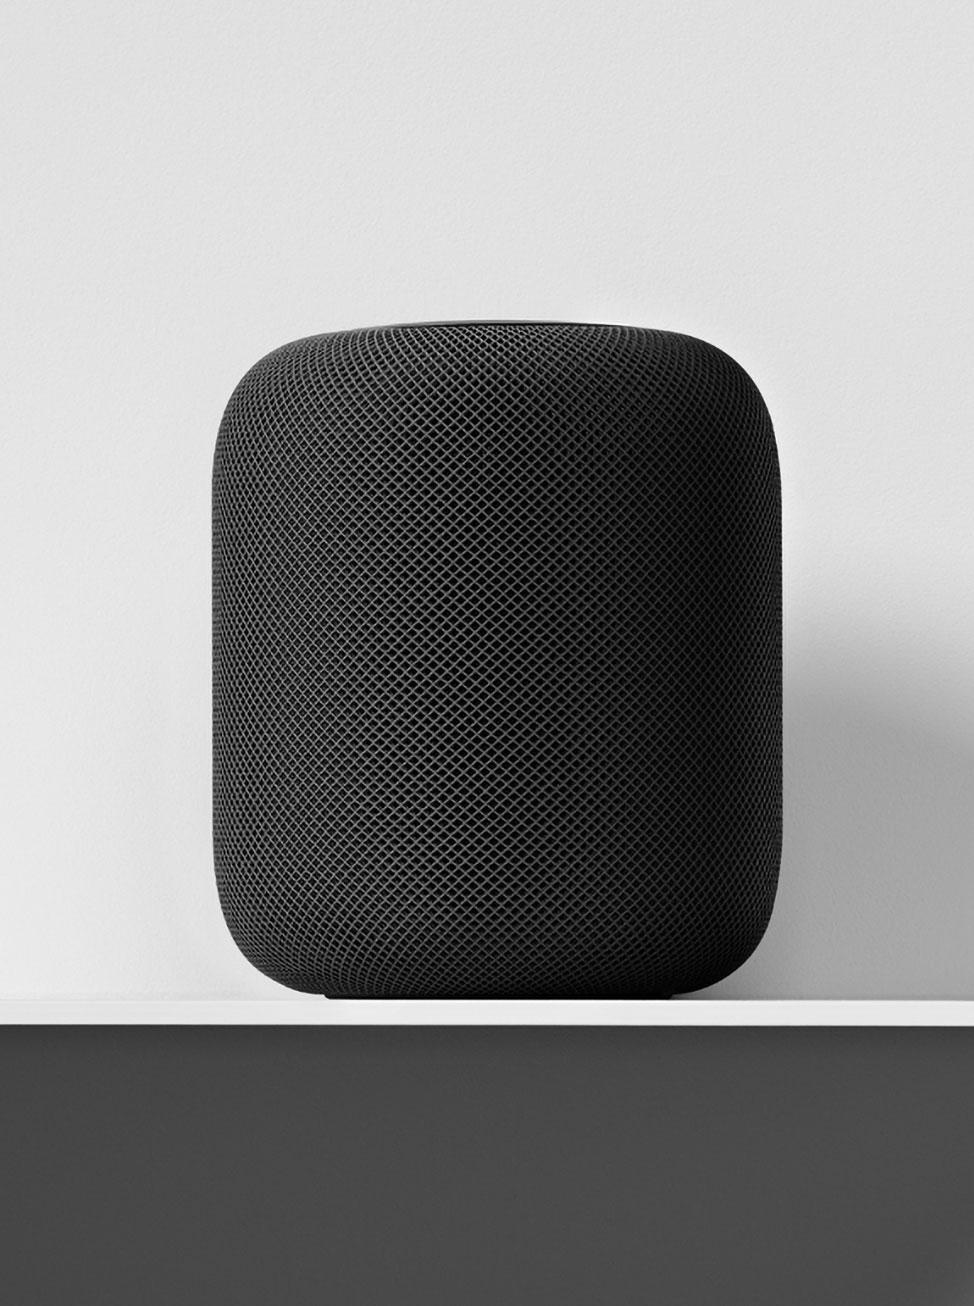 Apple HomePod smart speaker design